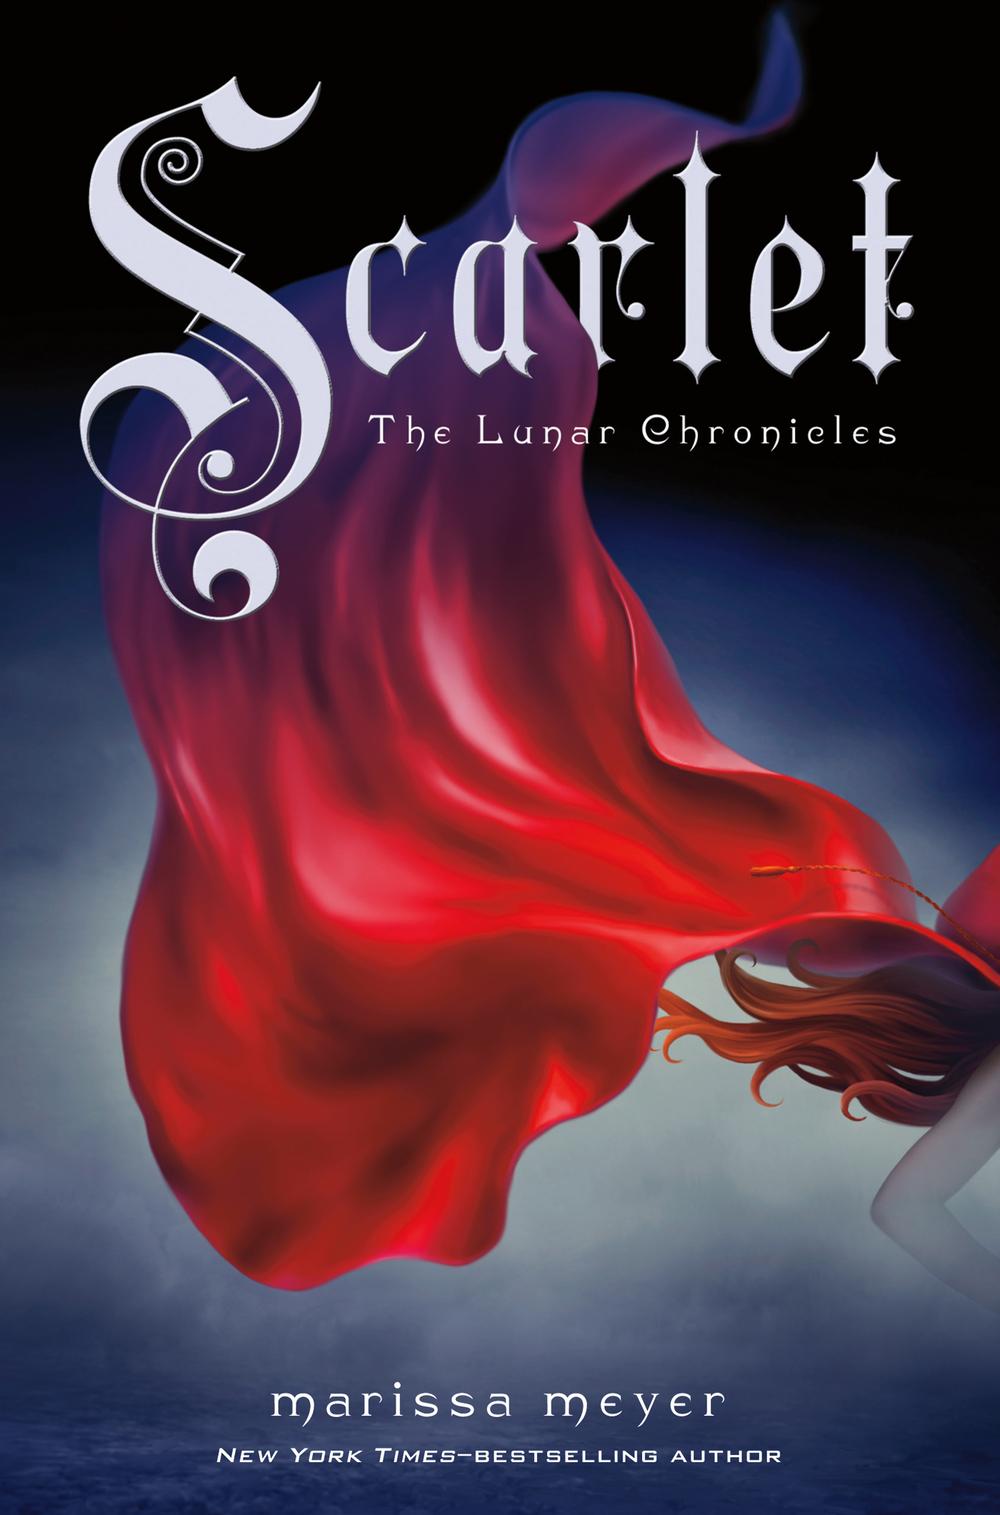 Scarlet marissa meyer.jpg